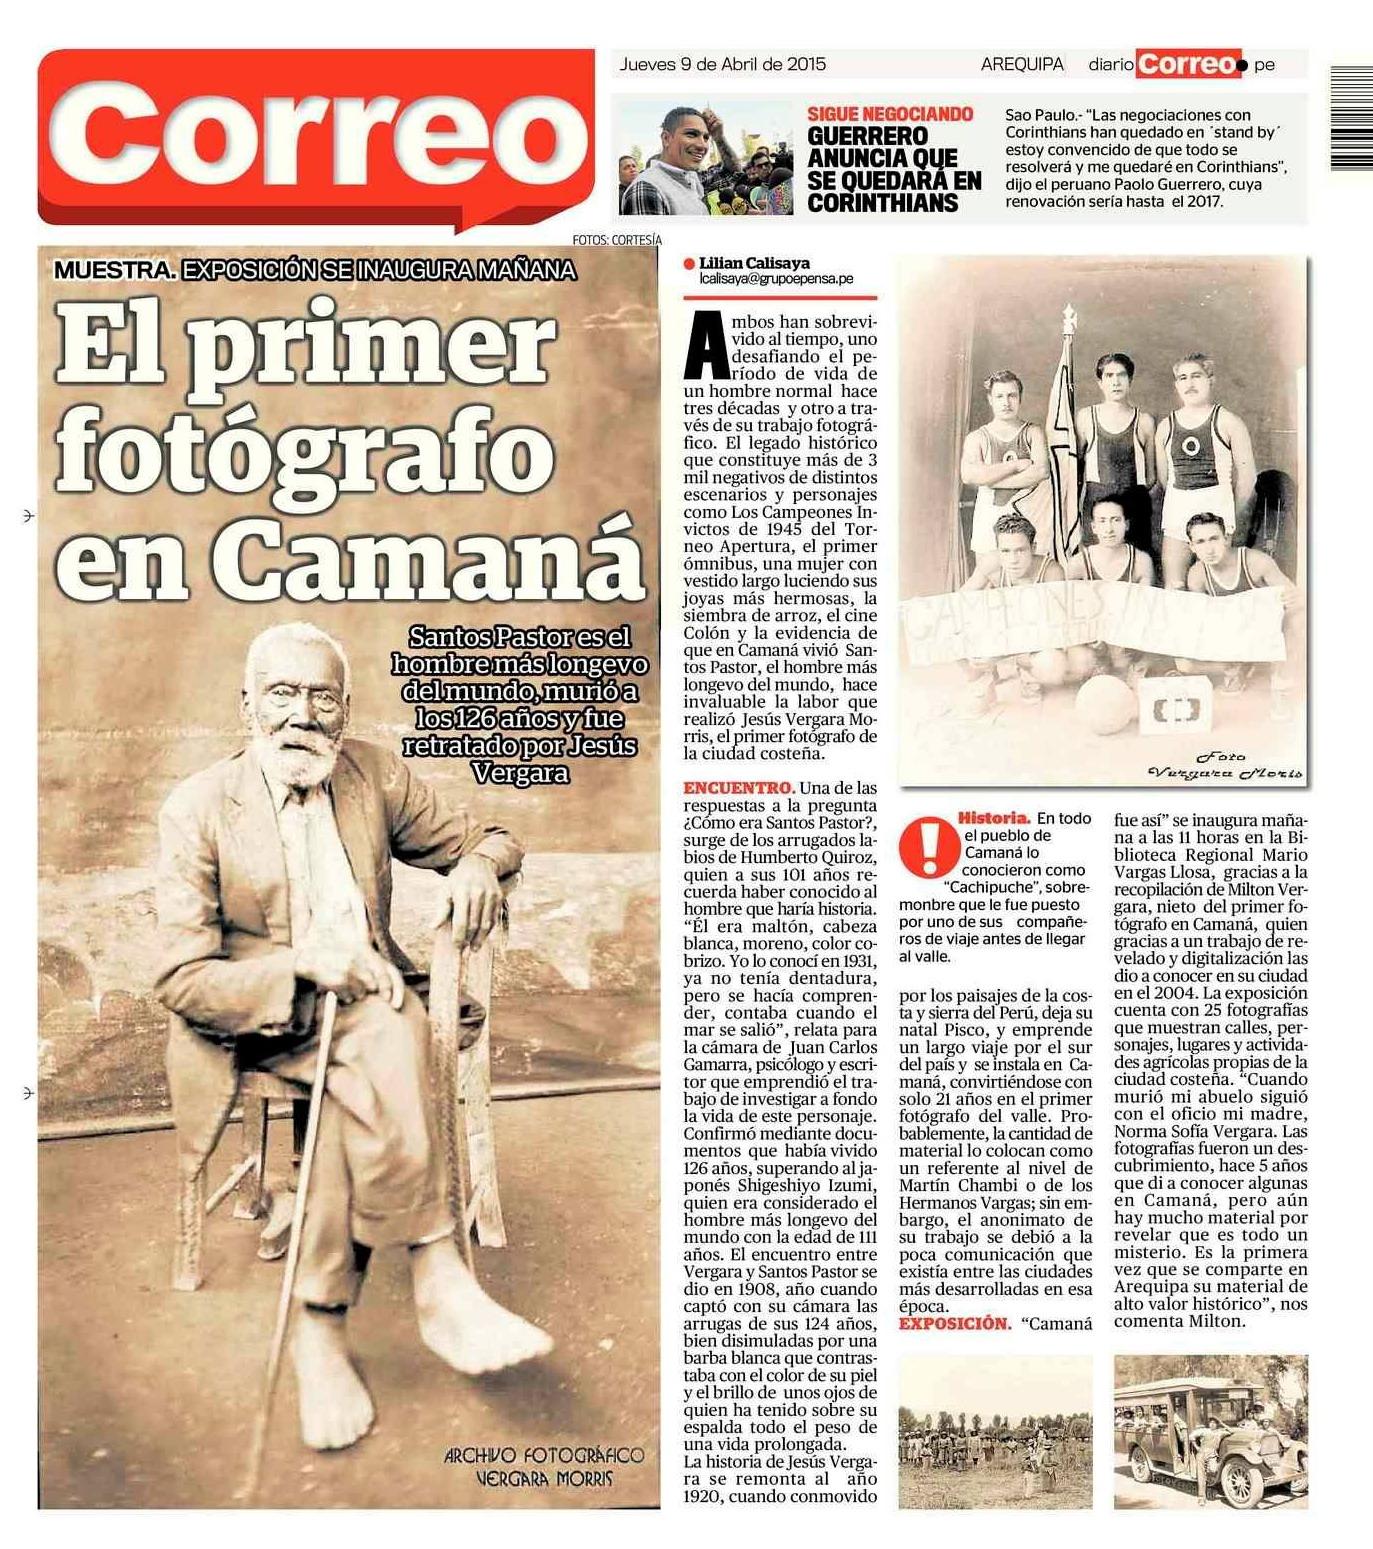 Diario Correo, 09 de abril 2015. Contraportada